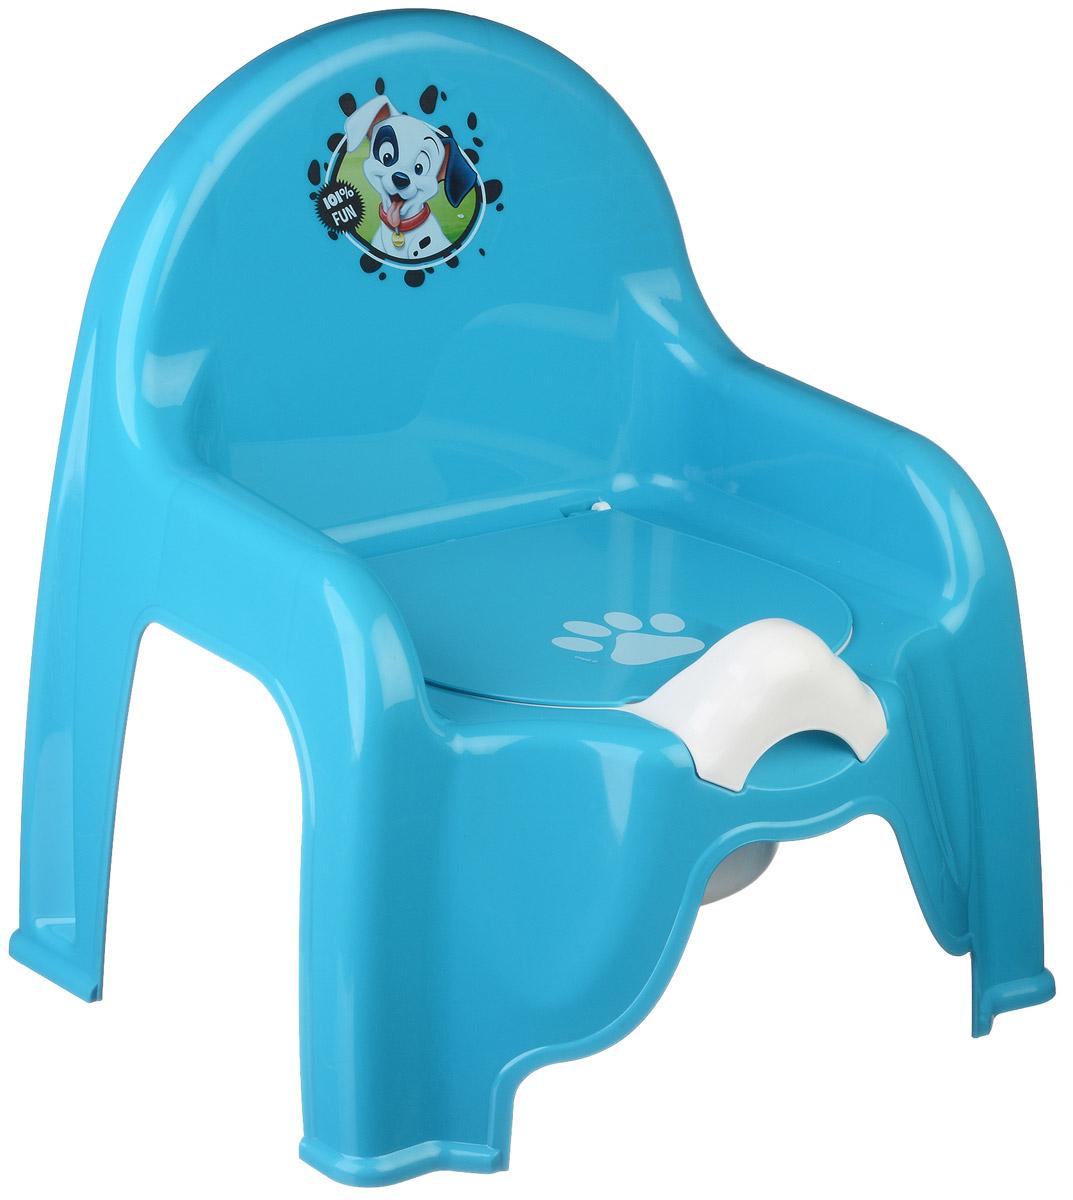 Disney Горшок-стульчик детский цвет бирюзовый М 2596-Д_бирюзовый